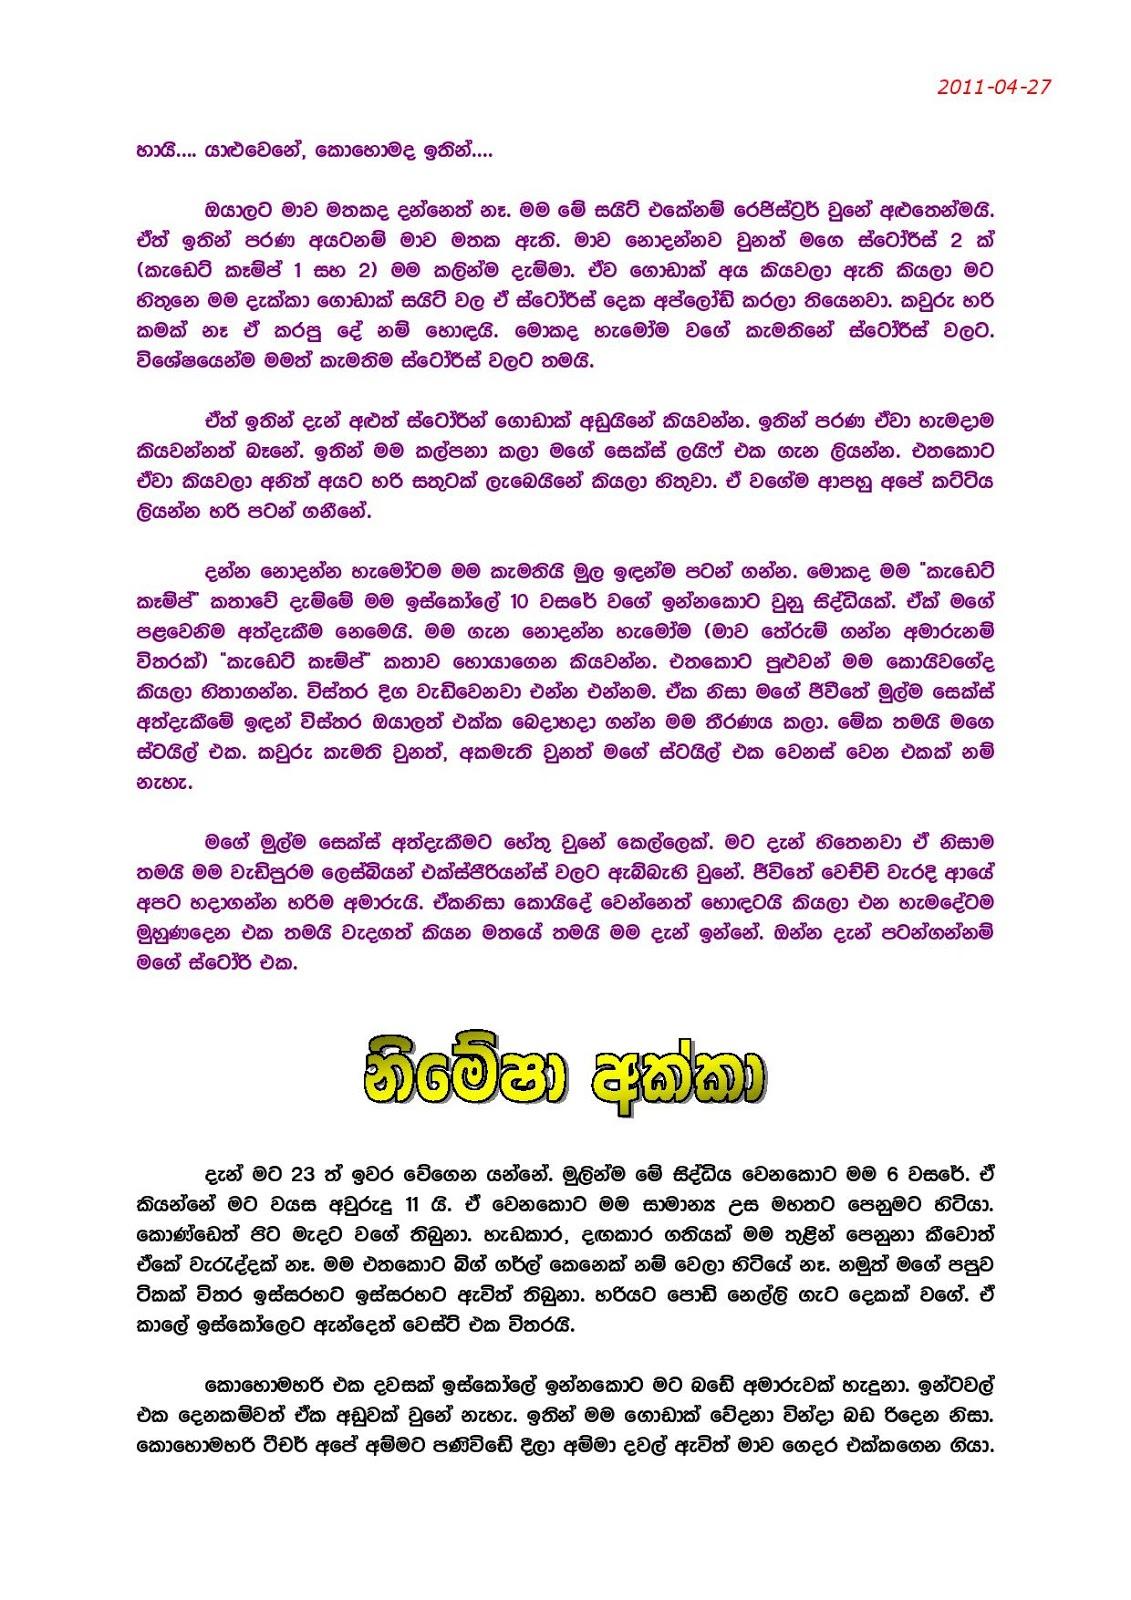 wal katha english walin - Mage Soduru Kanthi 8 - Sinhala